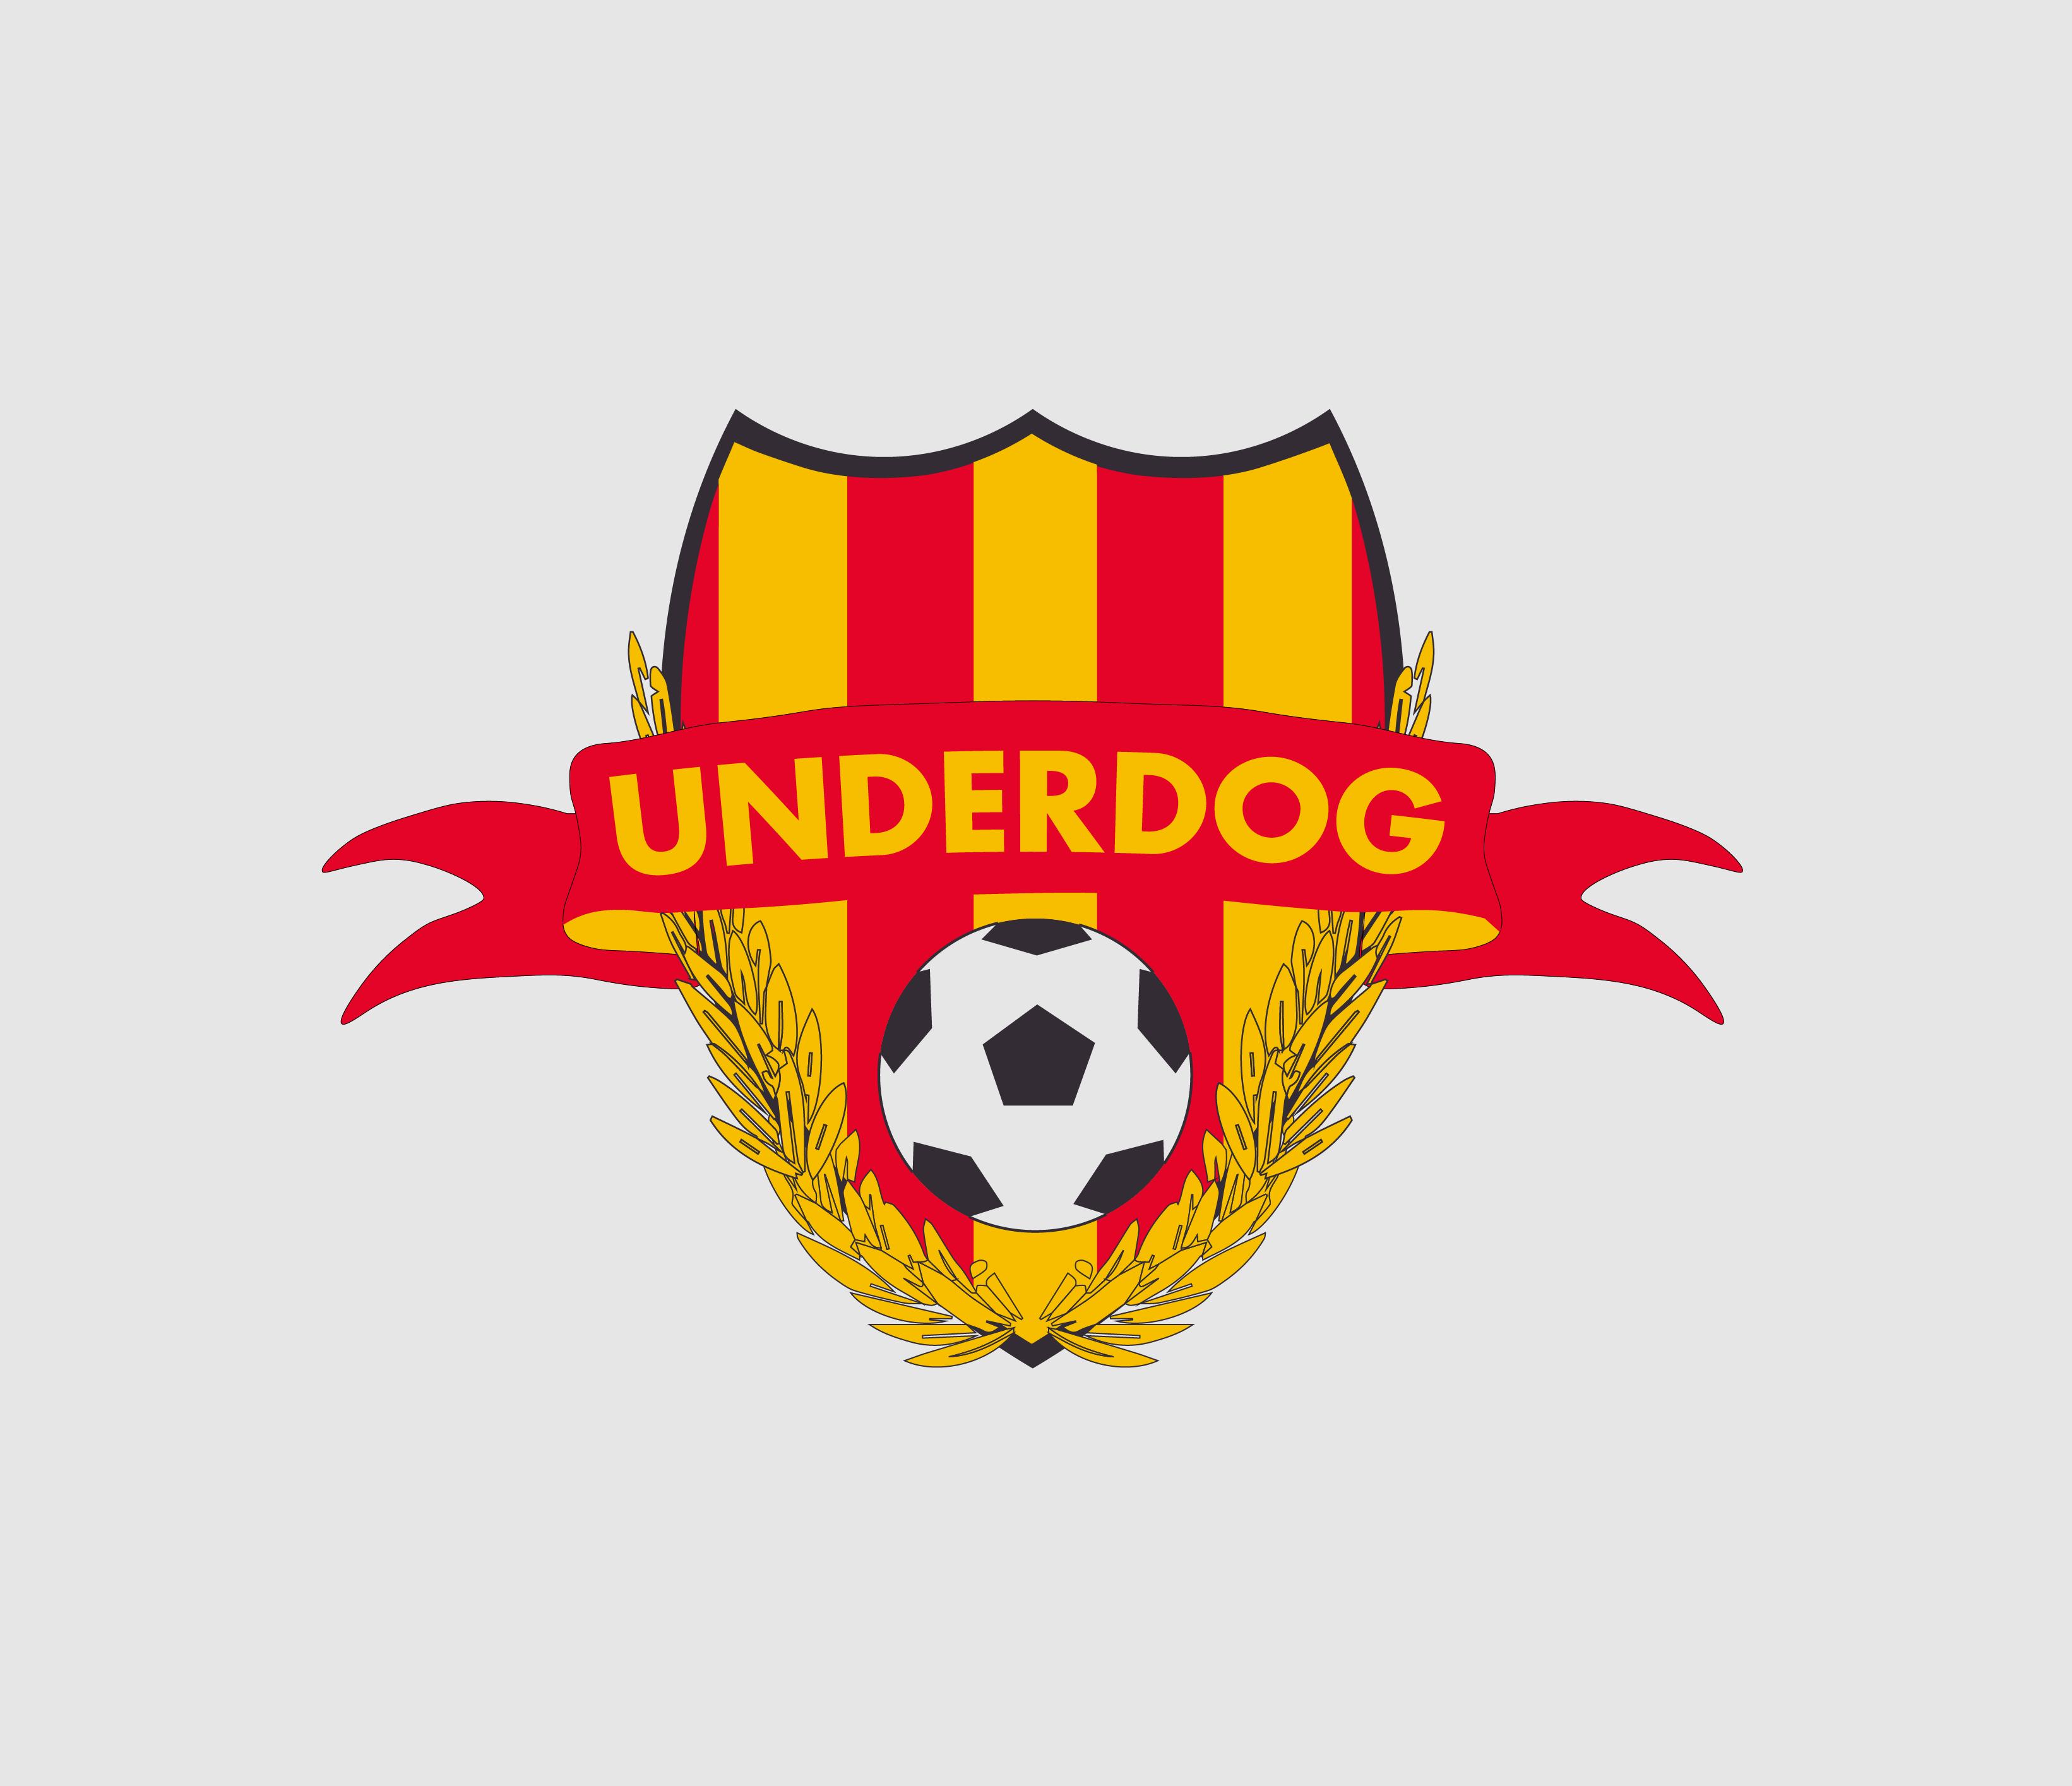 Футбольный клуб UNDERDOG - разработать фирстиль и бренд-бук фото f_3355cb3e3389786c.png